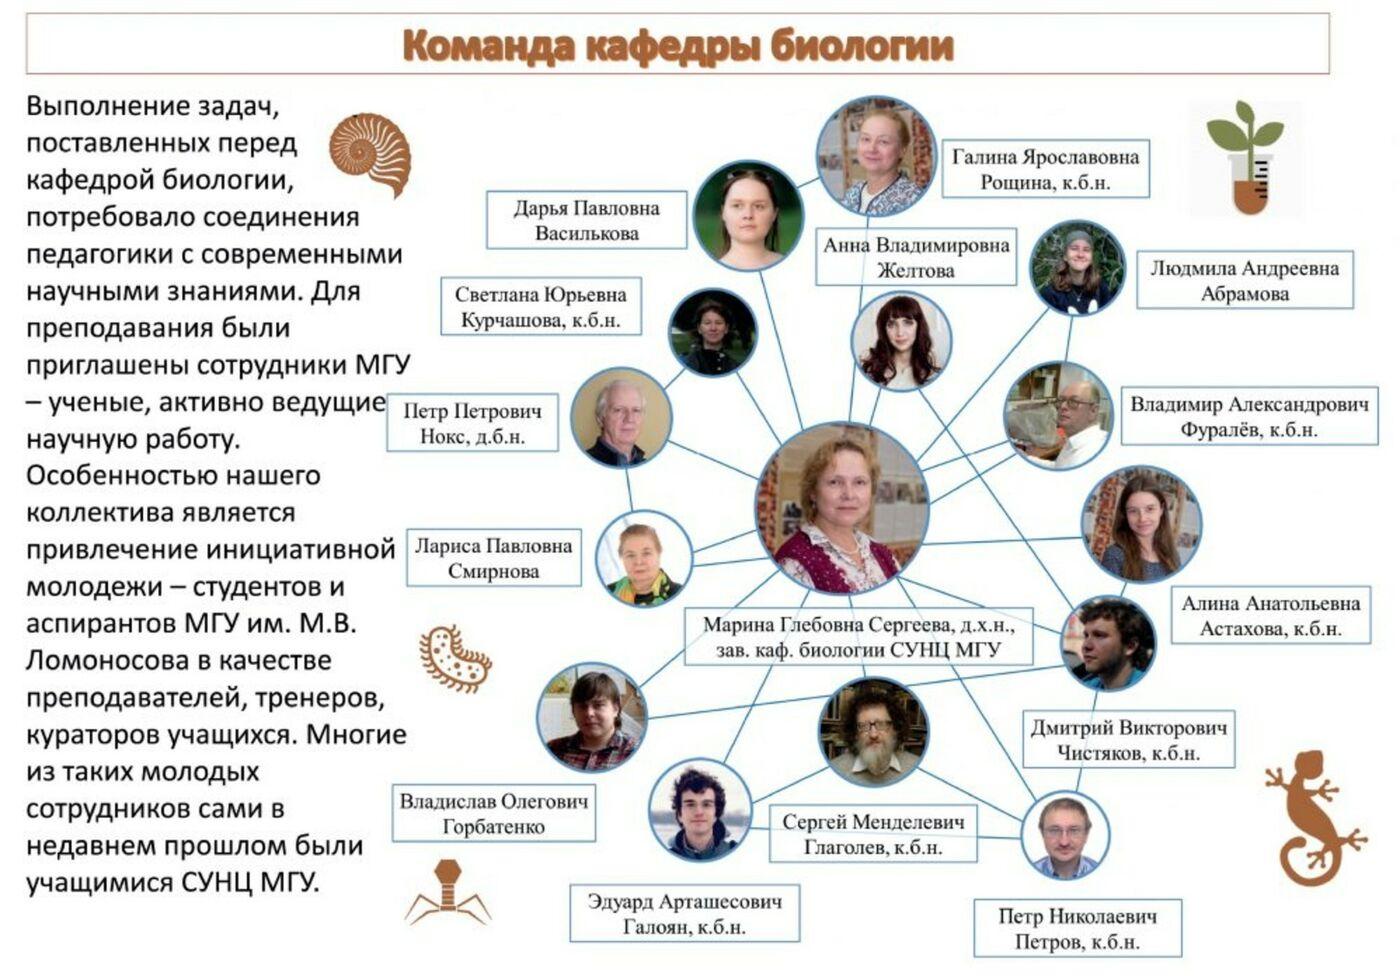 Команда кафедры биологии